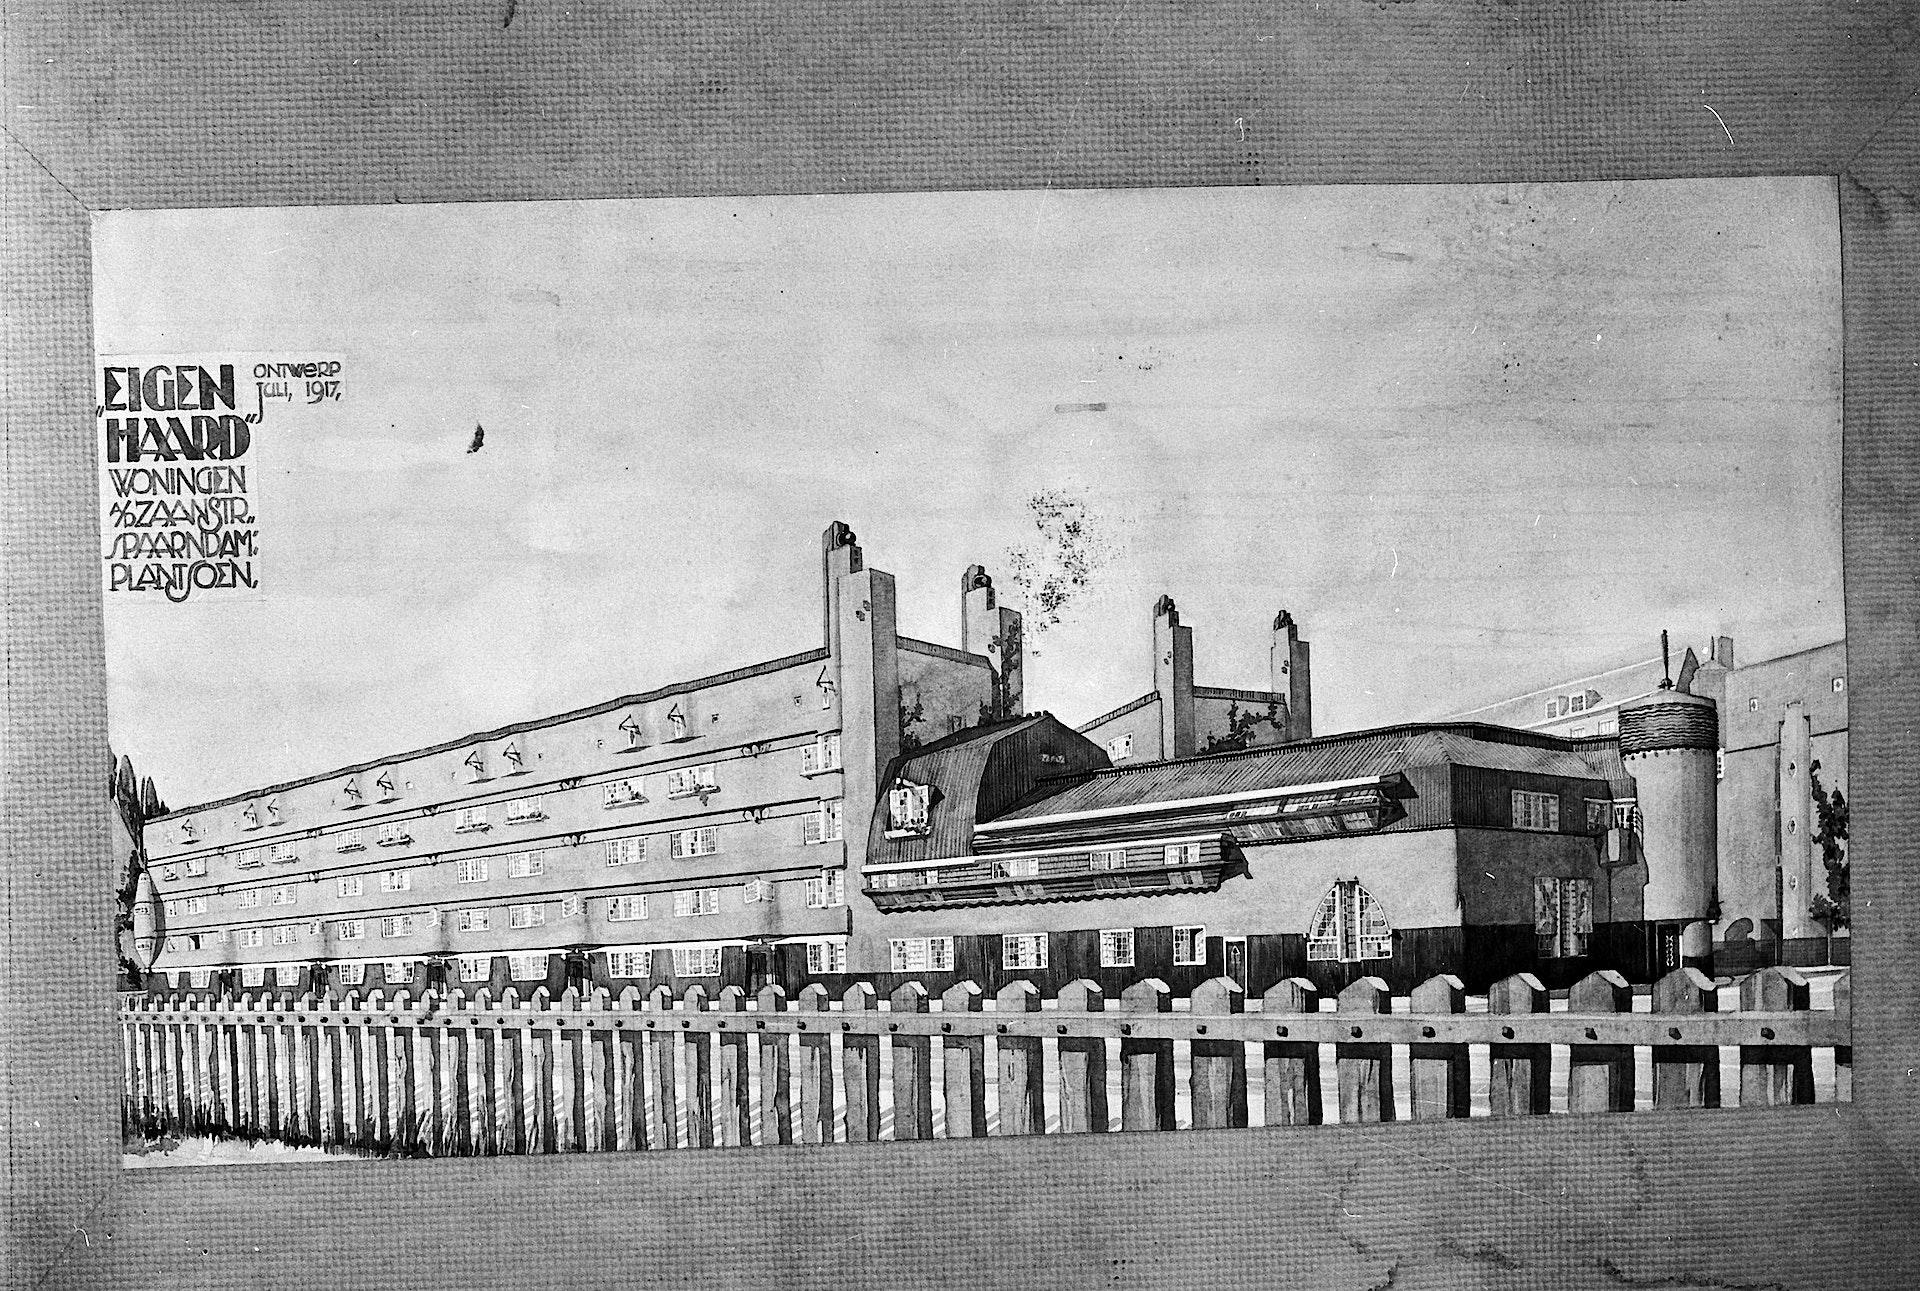 architectuur op z'n Amsterdams: vroege toekomstvisies